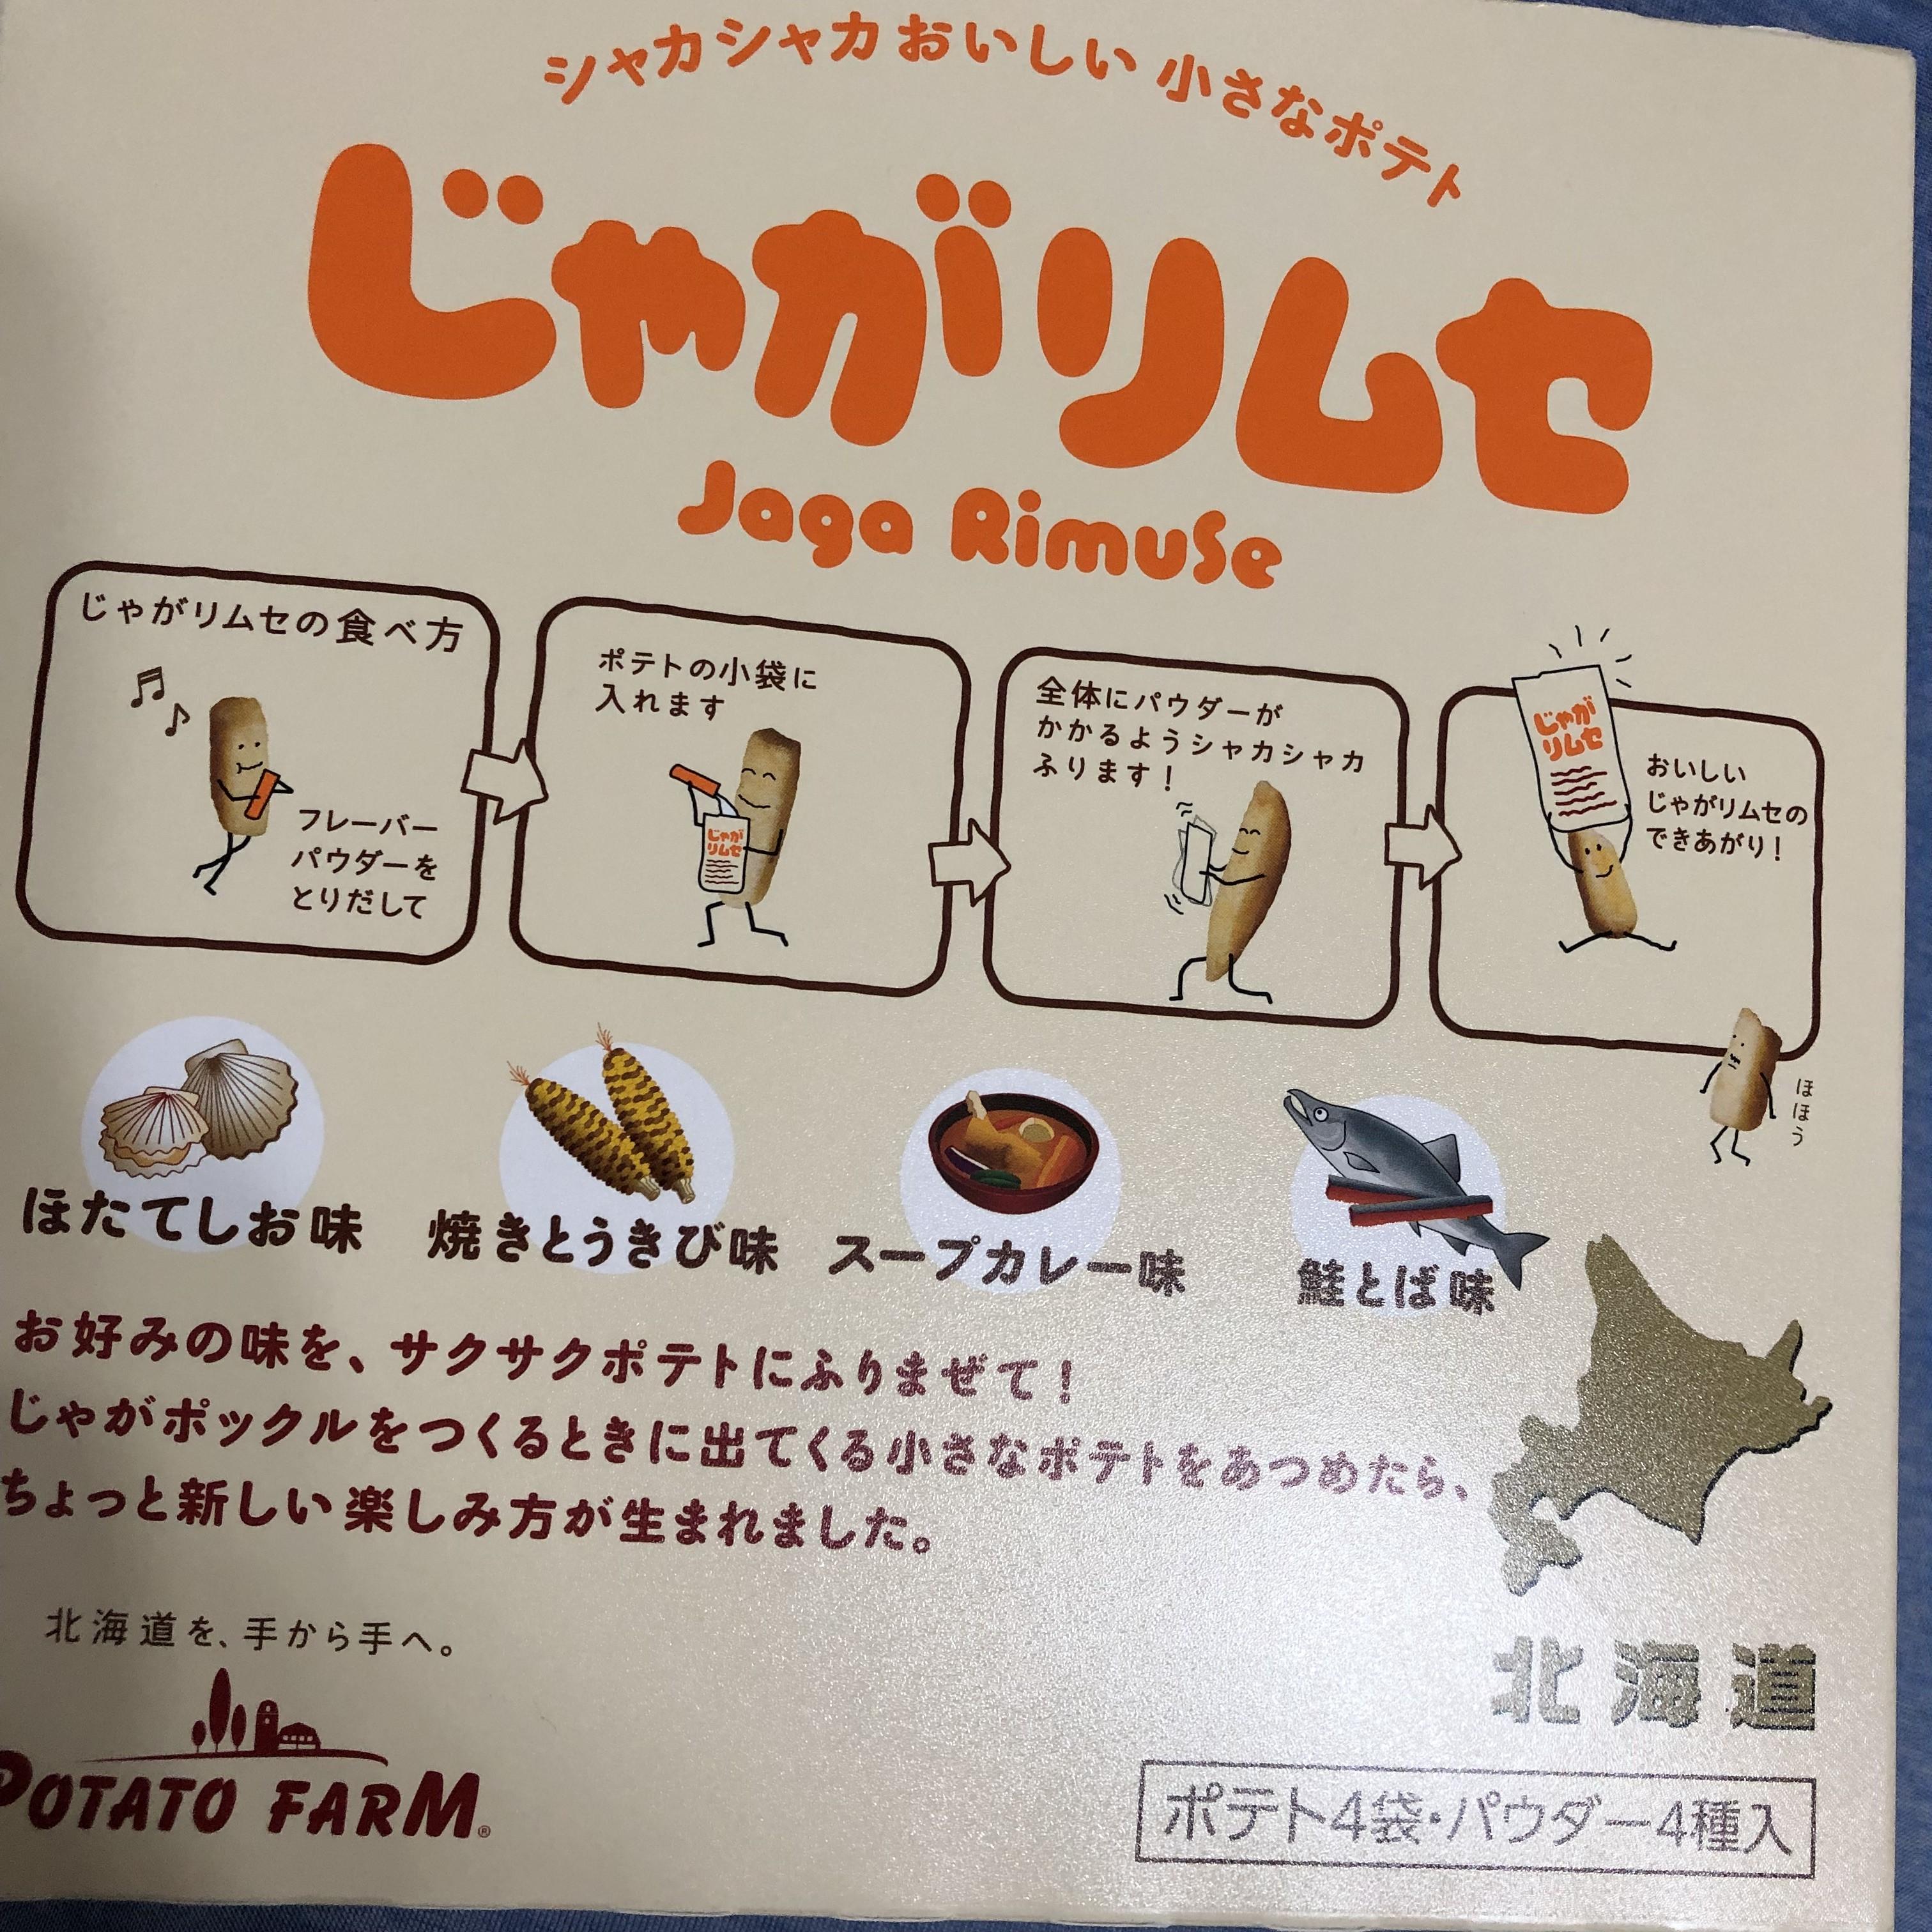 じゃがポックルの進化系!シャカシャカポテト風お菓子「じゃがリムセ」